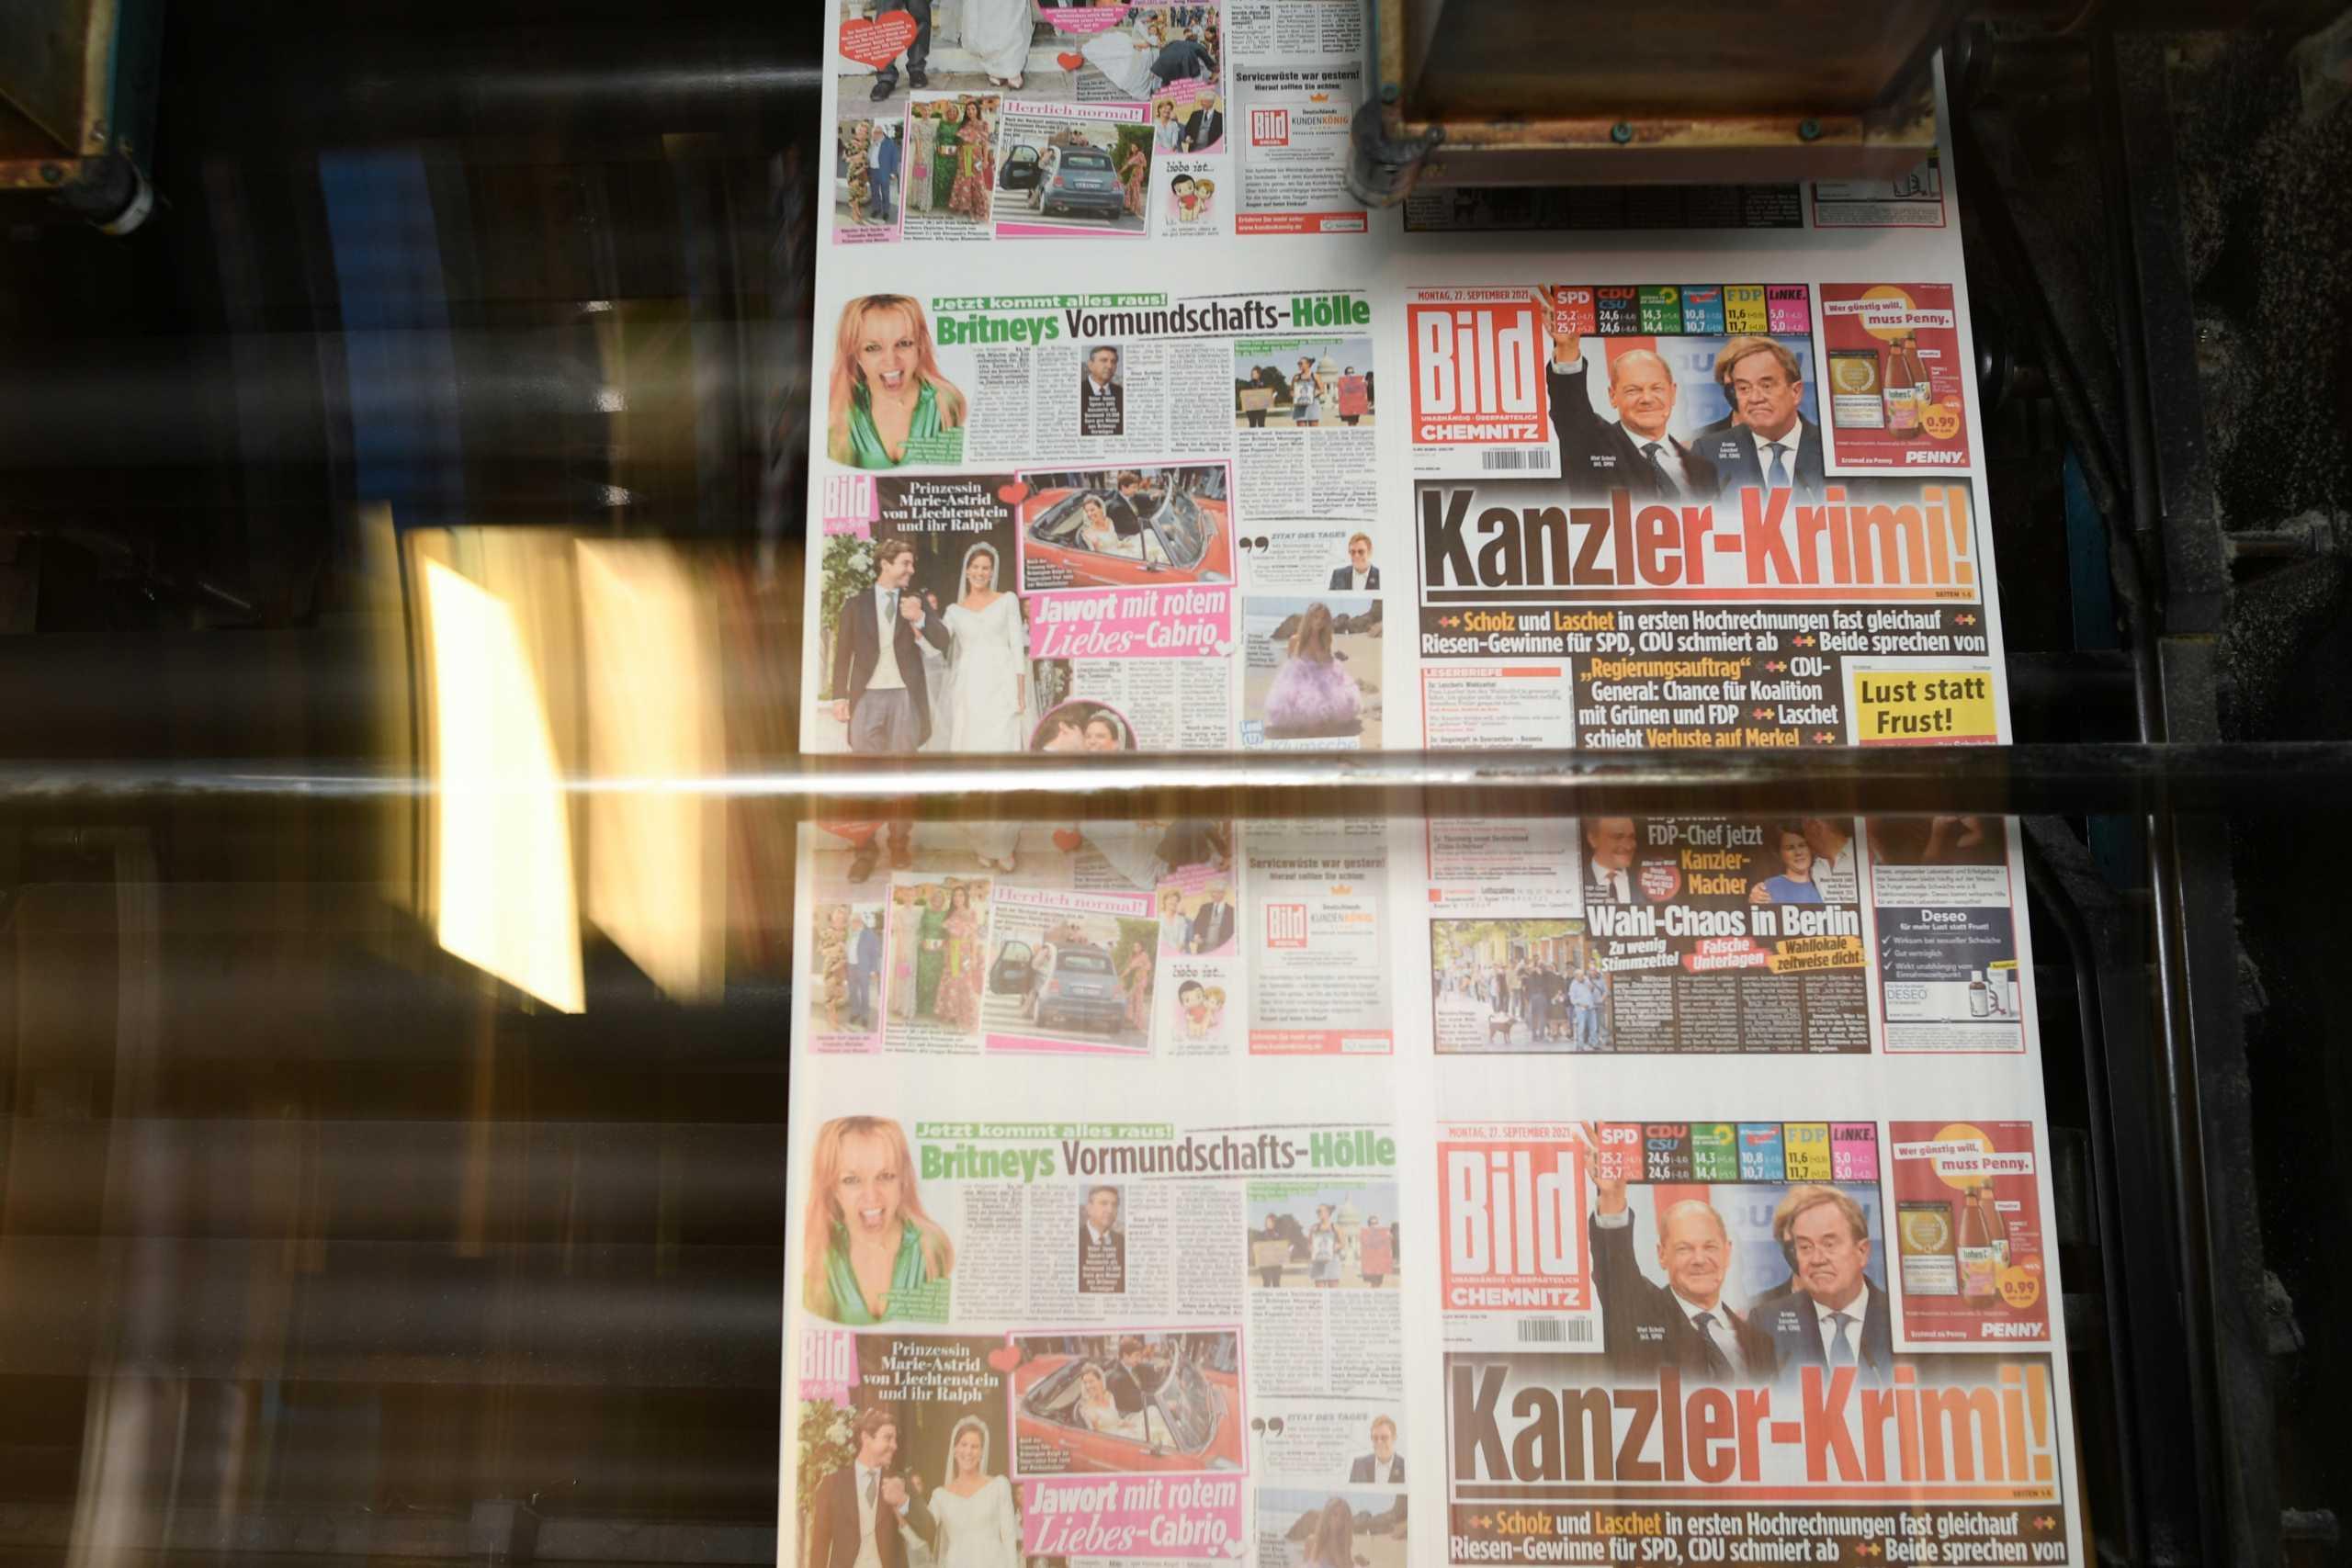 Γερμανικές εκλογές: Οι χαμένοι, οι κερδισμένοι, τα σενάρια και οι ρυθμιστές